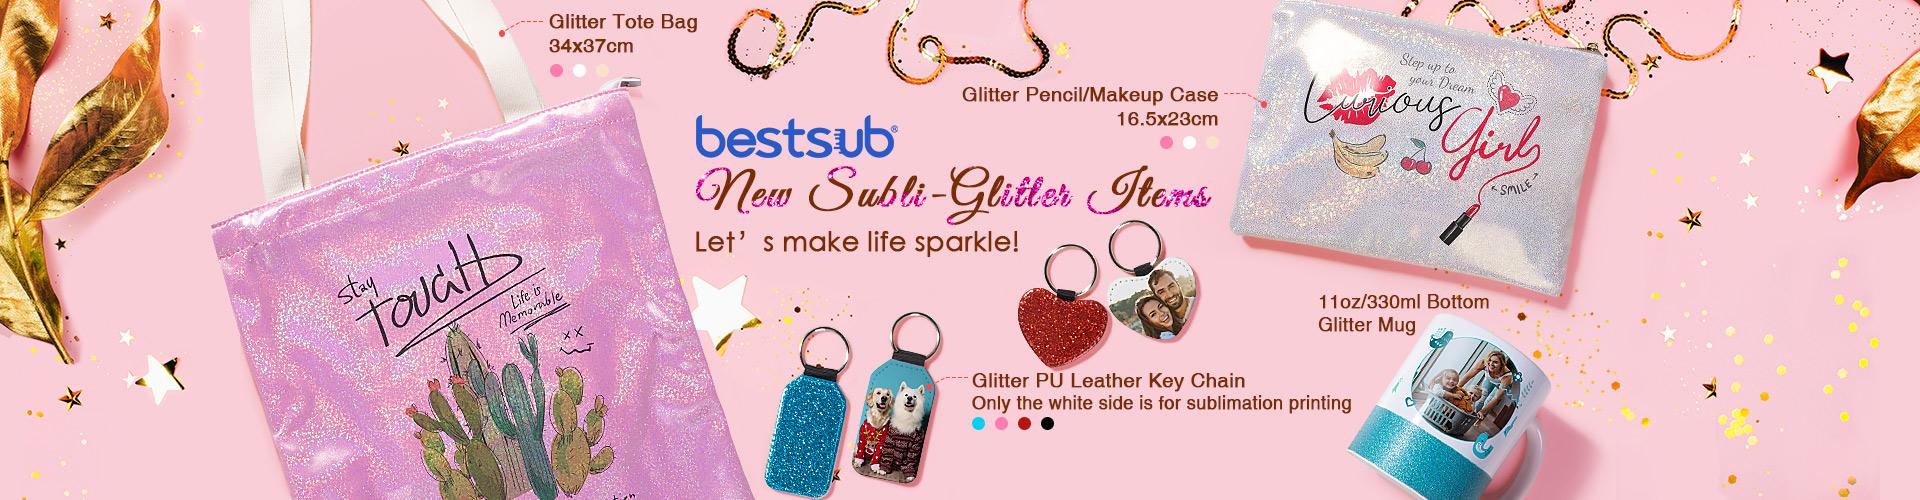 2020-1-17_New_Subli-Glitter_Items_New_web